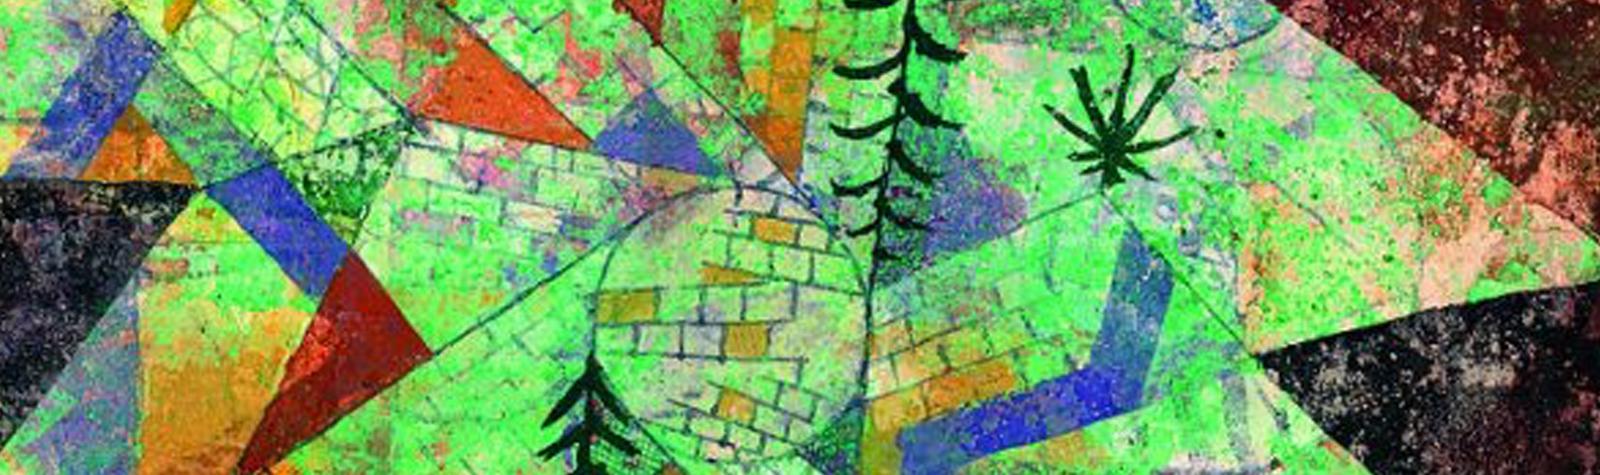 Mostra su Paul Klee a Milano: alle origini dell'Arte